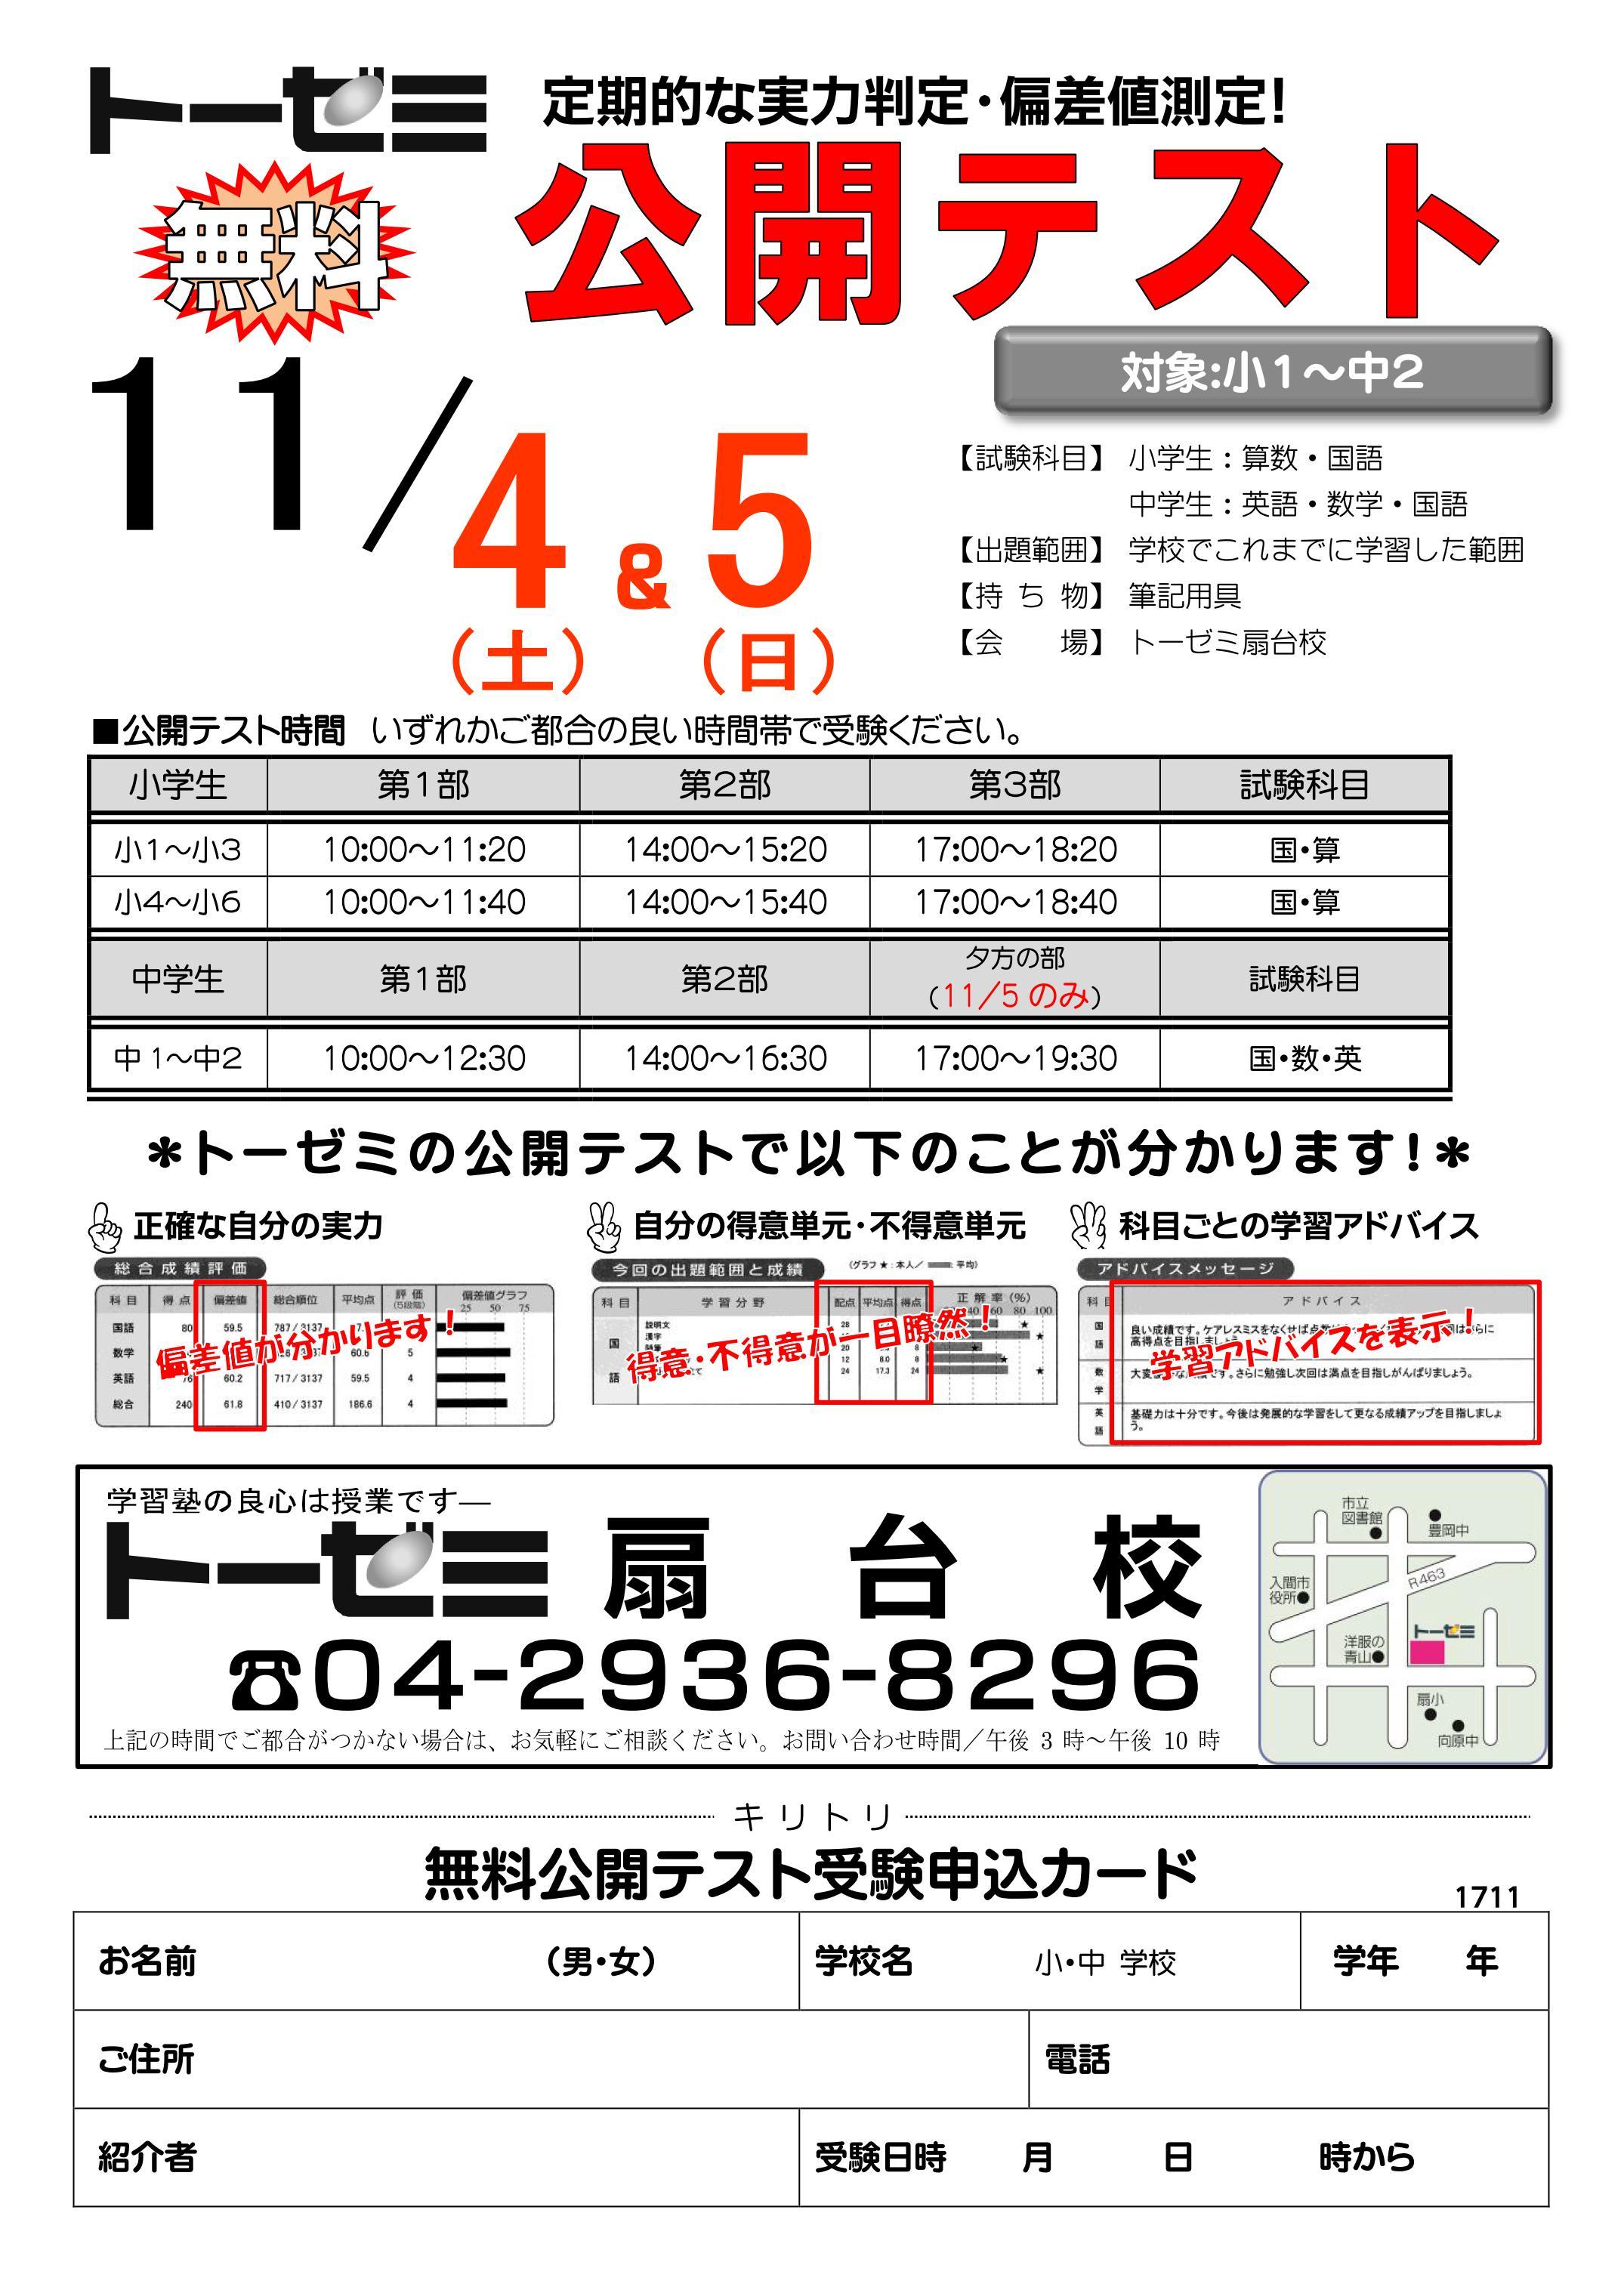 第2回「公開テスト」迫る!!(学習塾トーゼミ 扇台校)